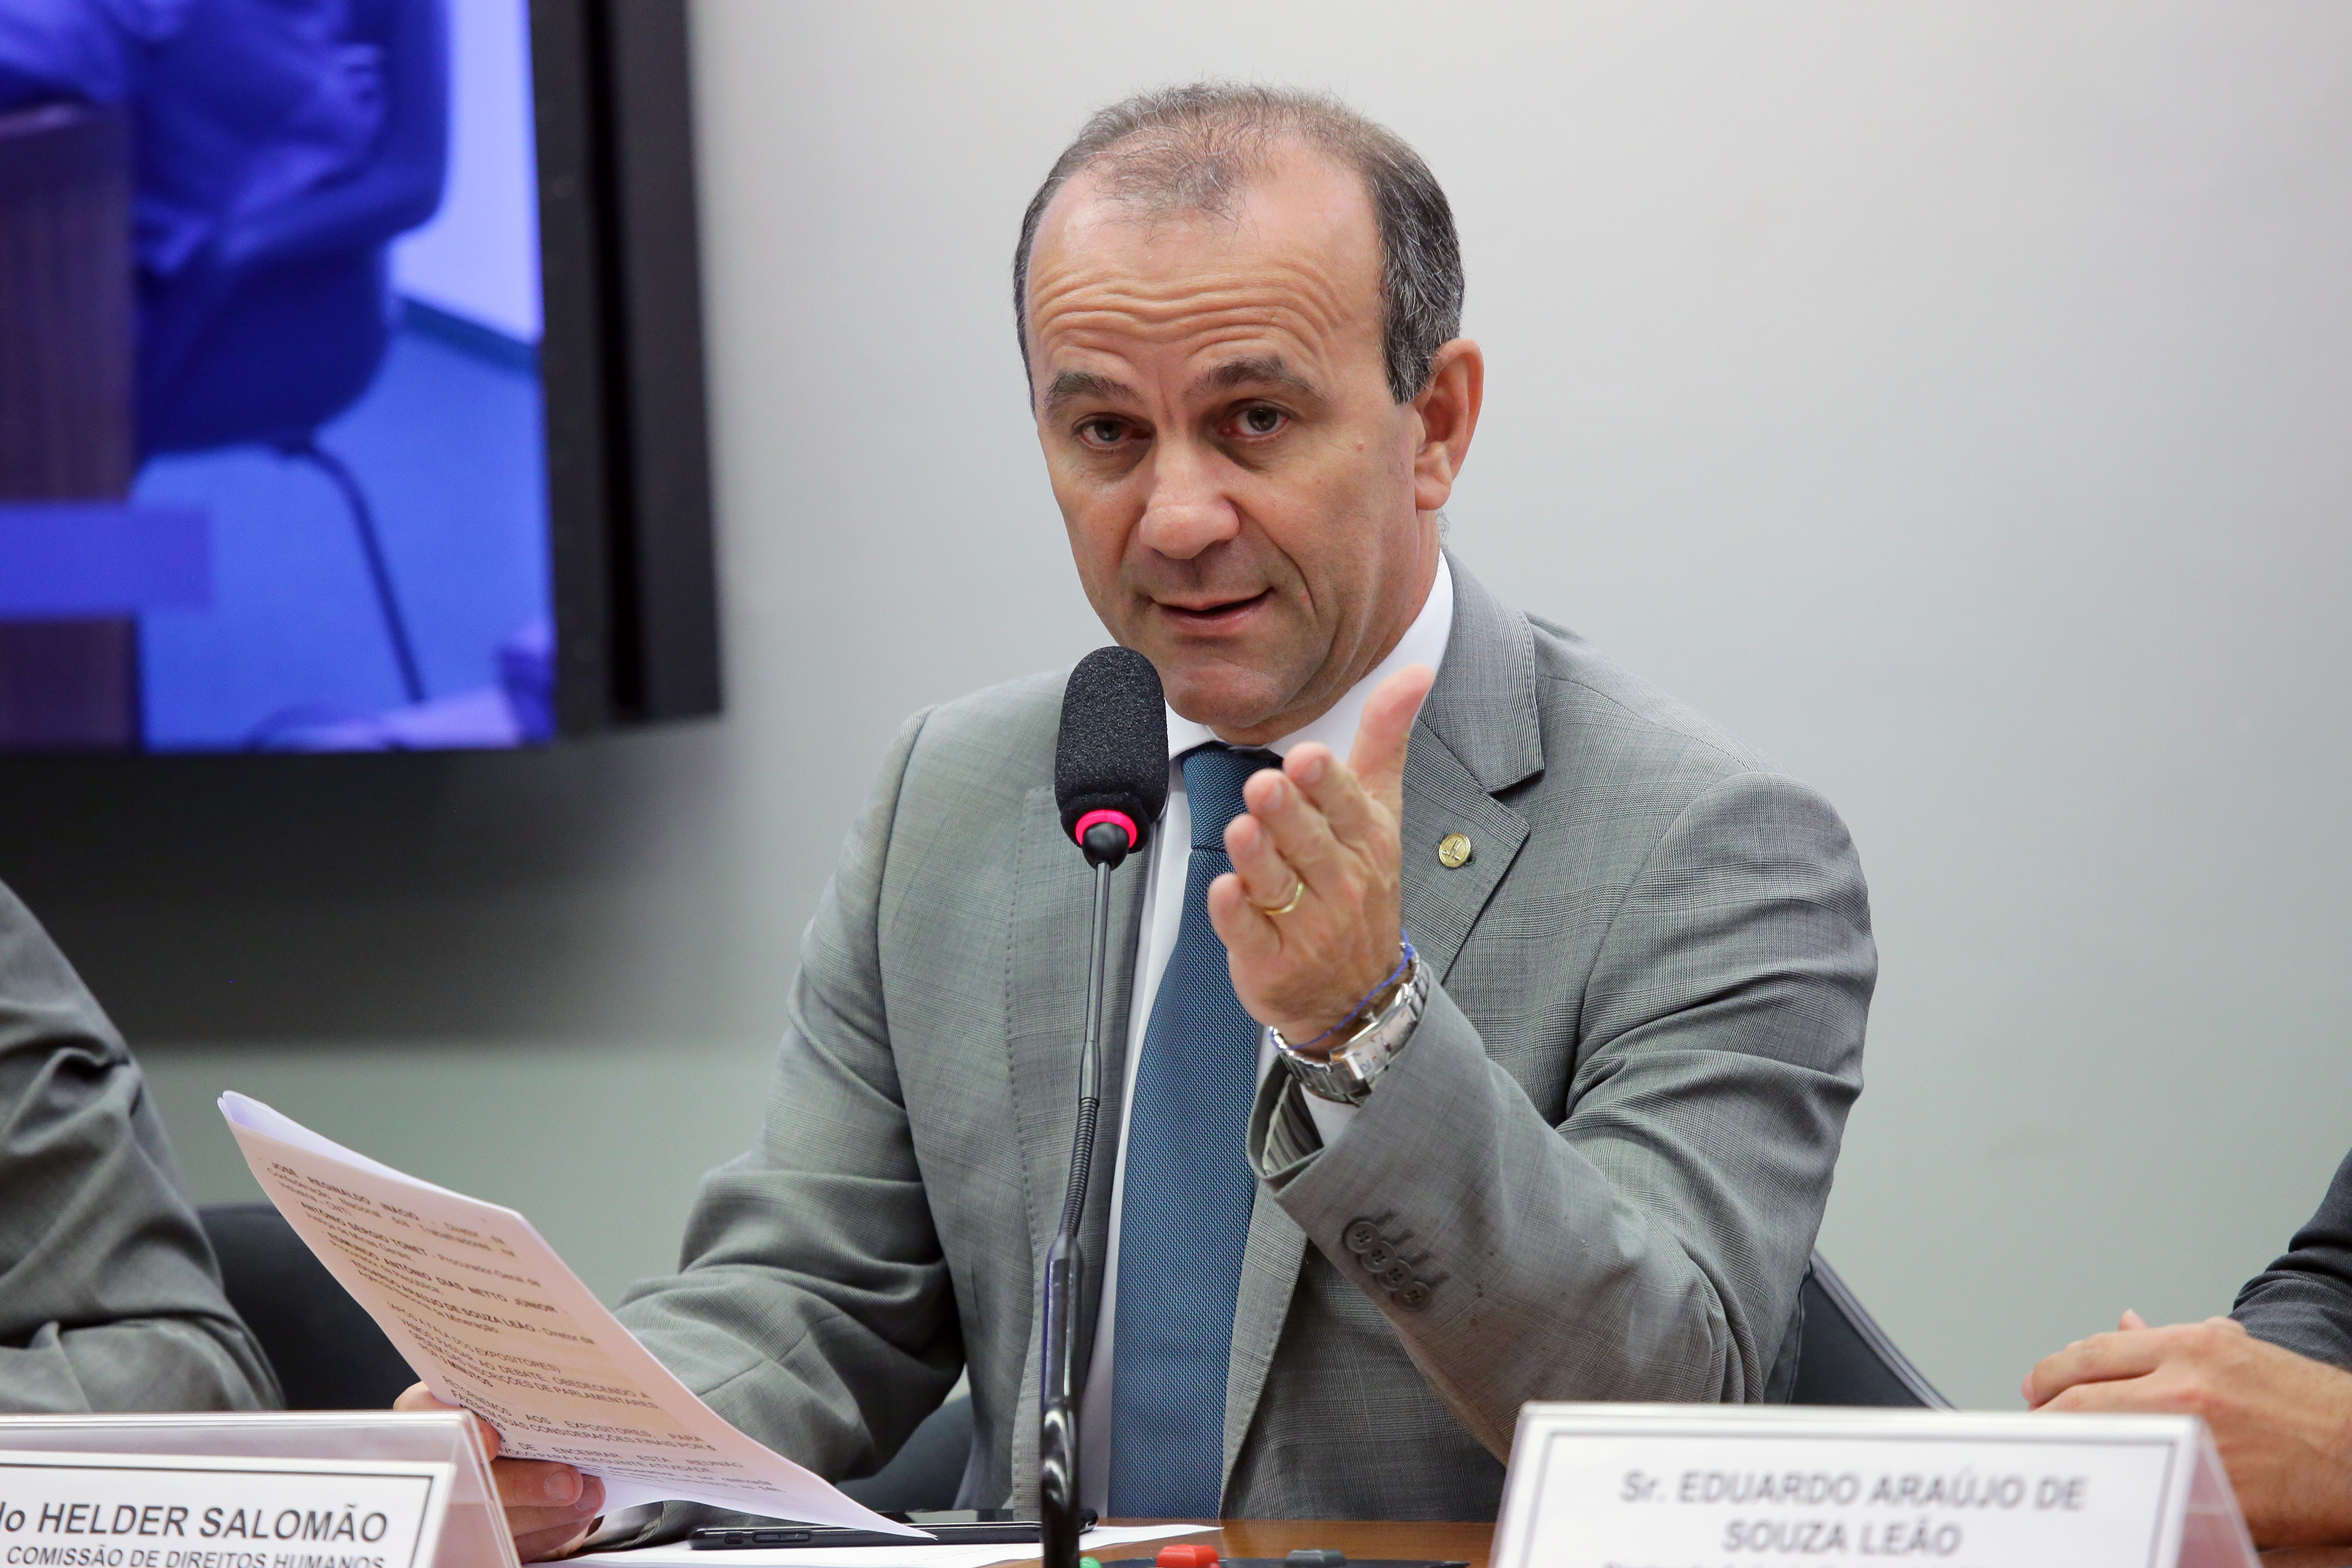 Audiência pública para a avaliação dos aspectos econômicos e institucionais do desastre da Vale em Brumadinho. Dep. Helder Salomão (PT-ES)